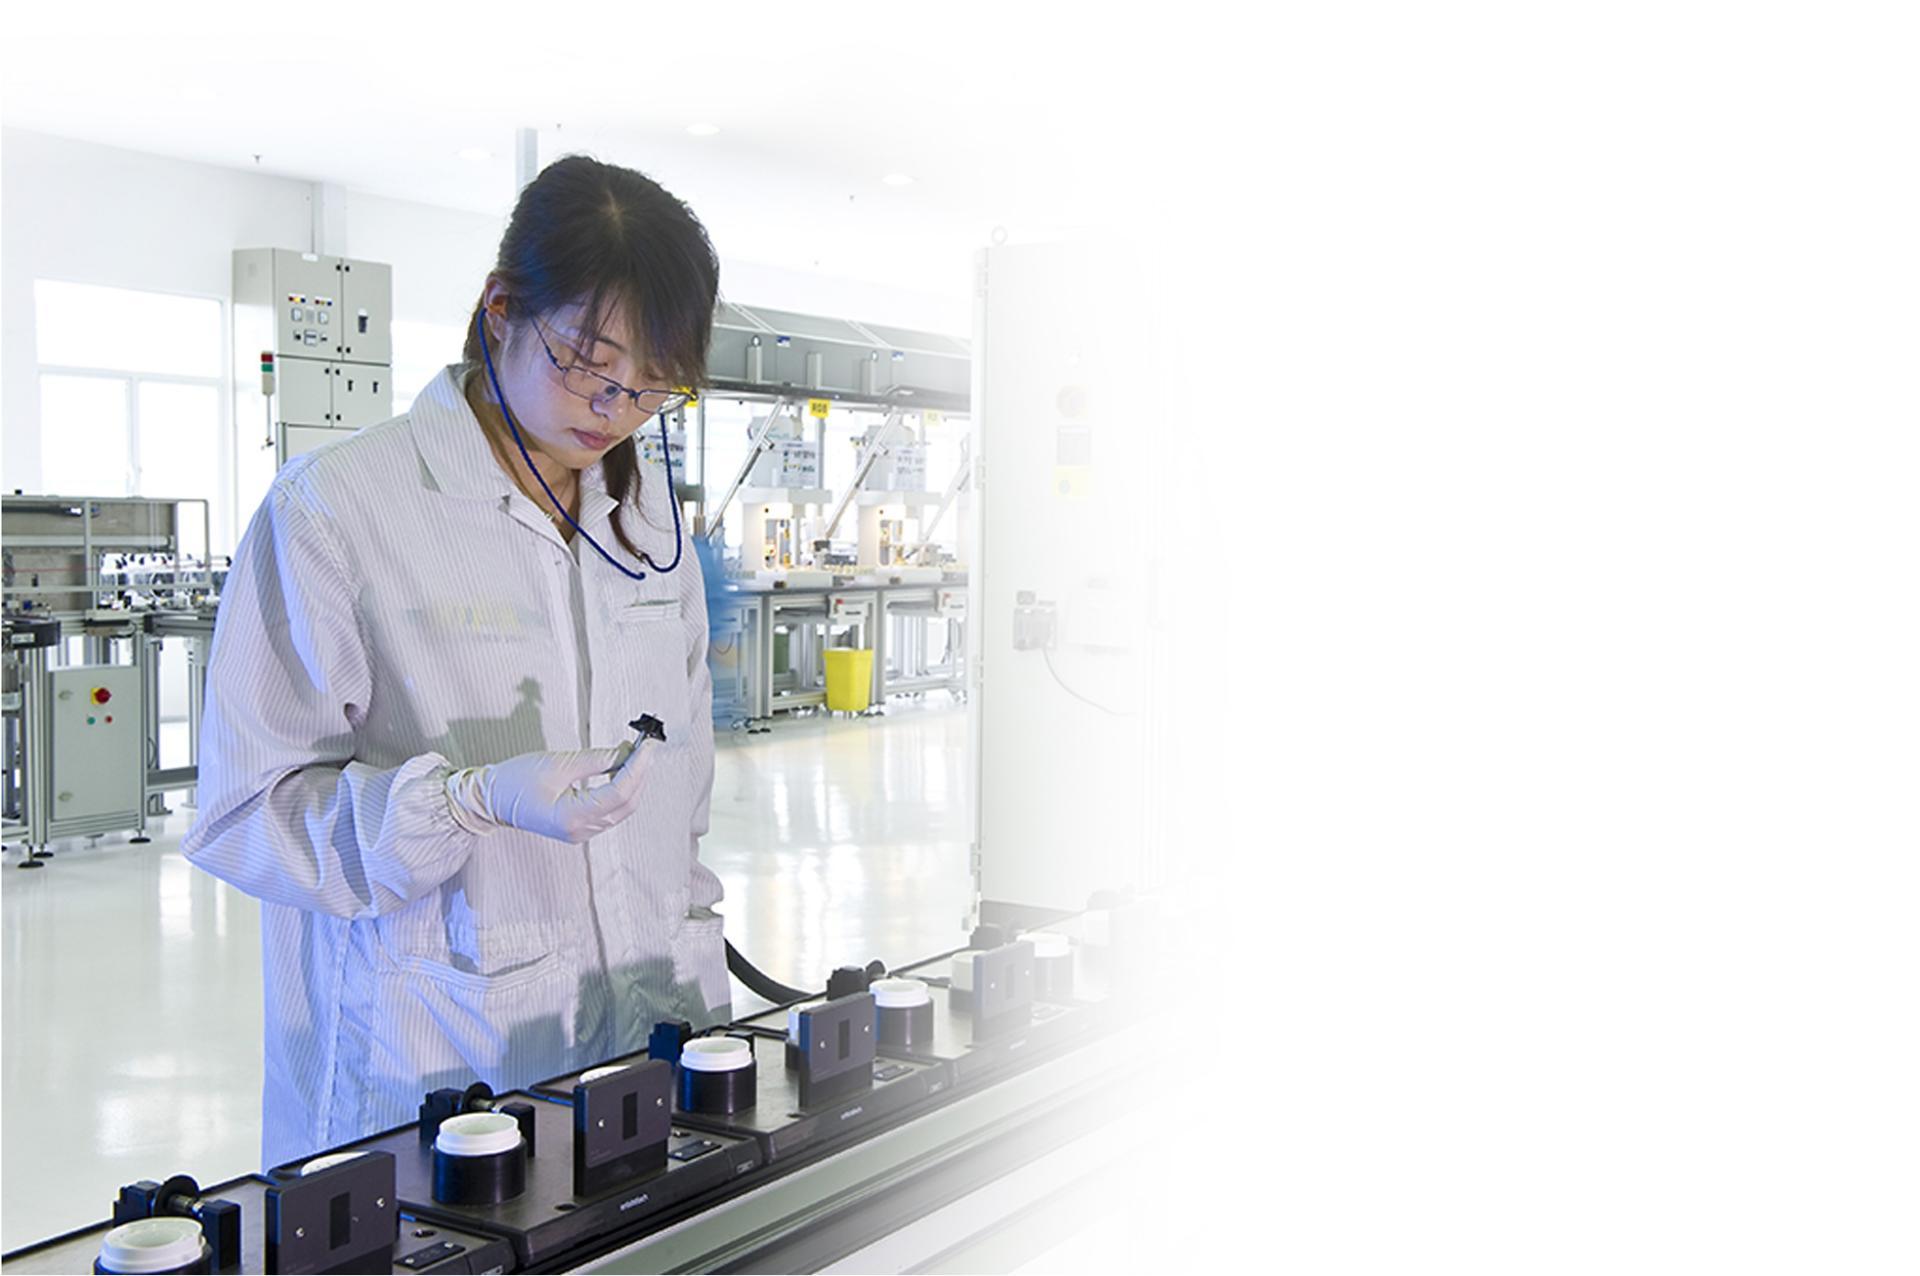 Nhà khoa học đang thử nghiệm các bộ phận trong phòng thí nghiệm